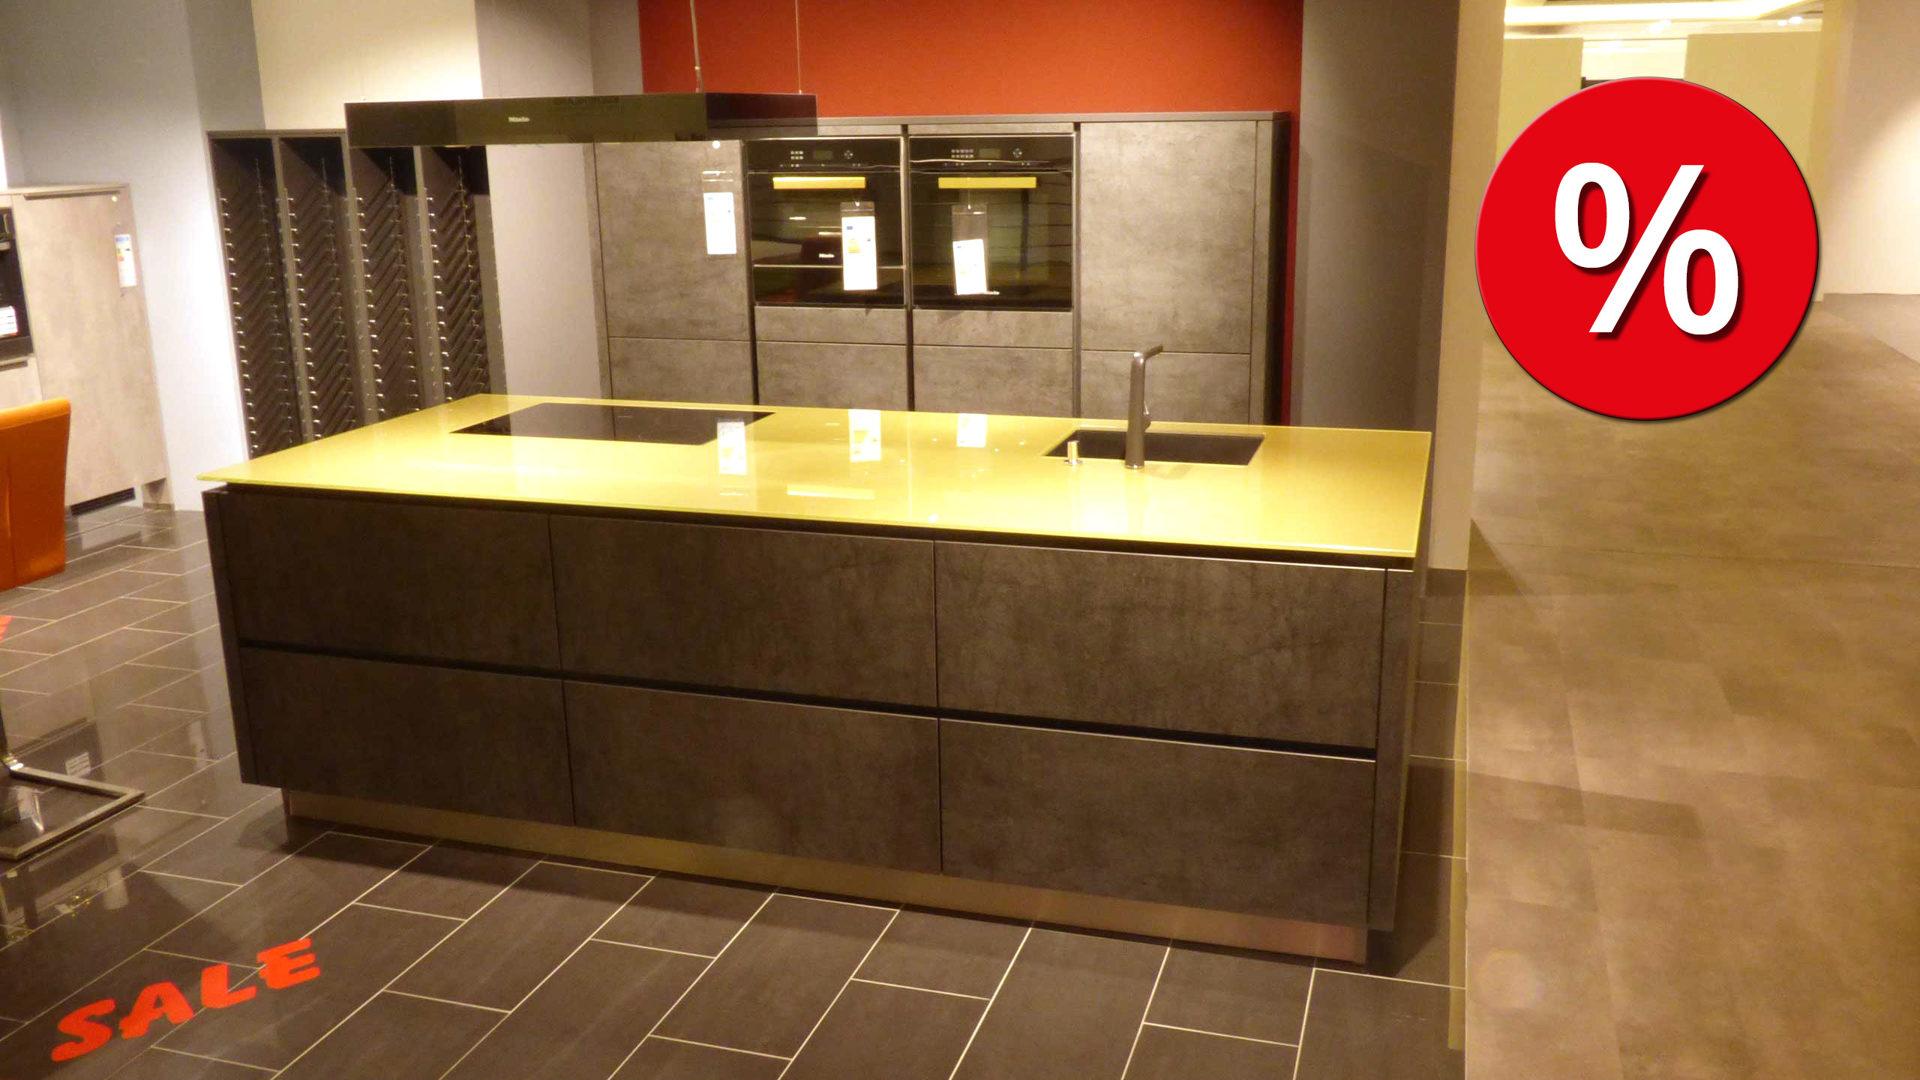 Einbauküche Alno In Grau Goldfarben Edle Alno Küche Einbauküche Cera Mit  Keramik Front Und Miele